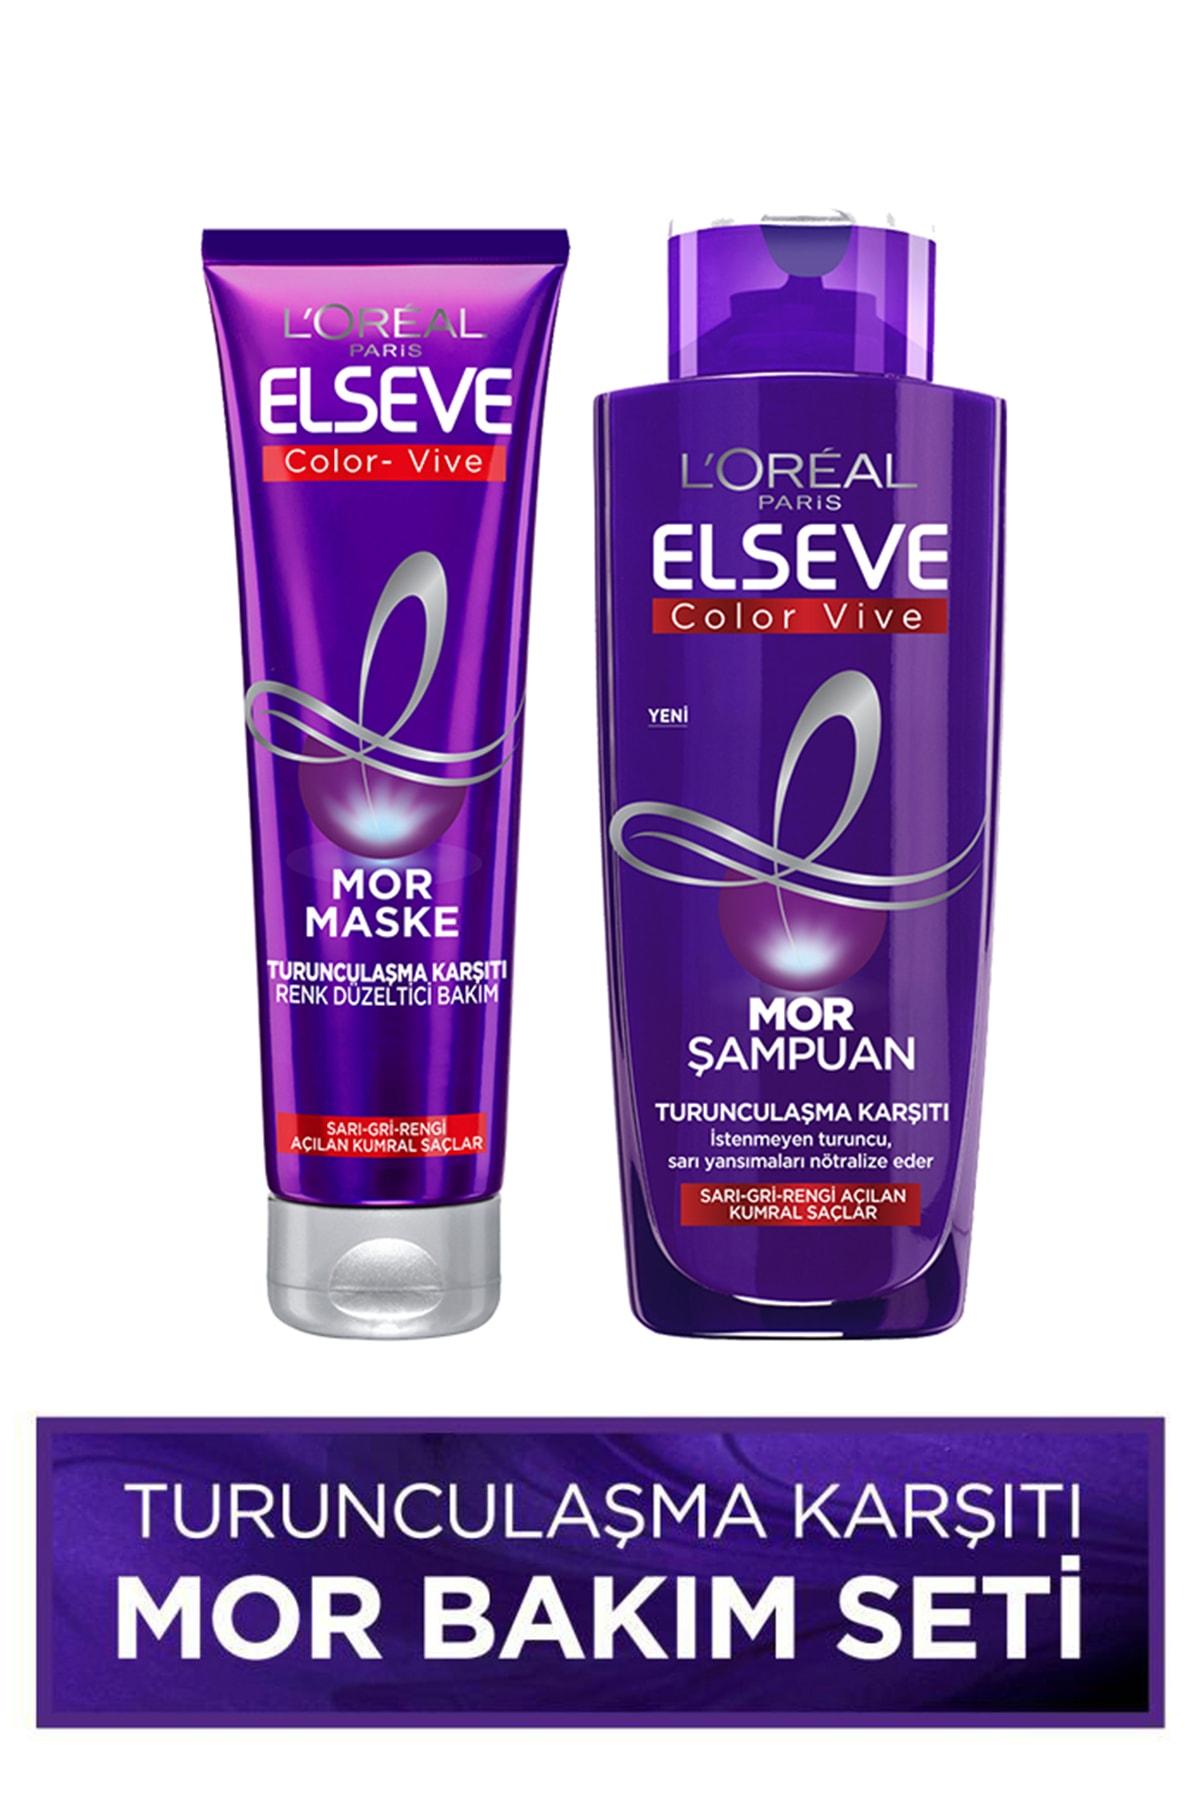 Turunculaşma Karşıtı Mor Saç Bakım Seti -Mor Şampuan 200ml + Renk Düzeltici Saç Maskesi 150ml